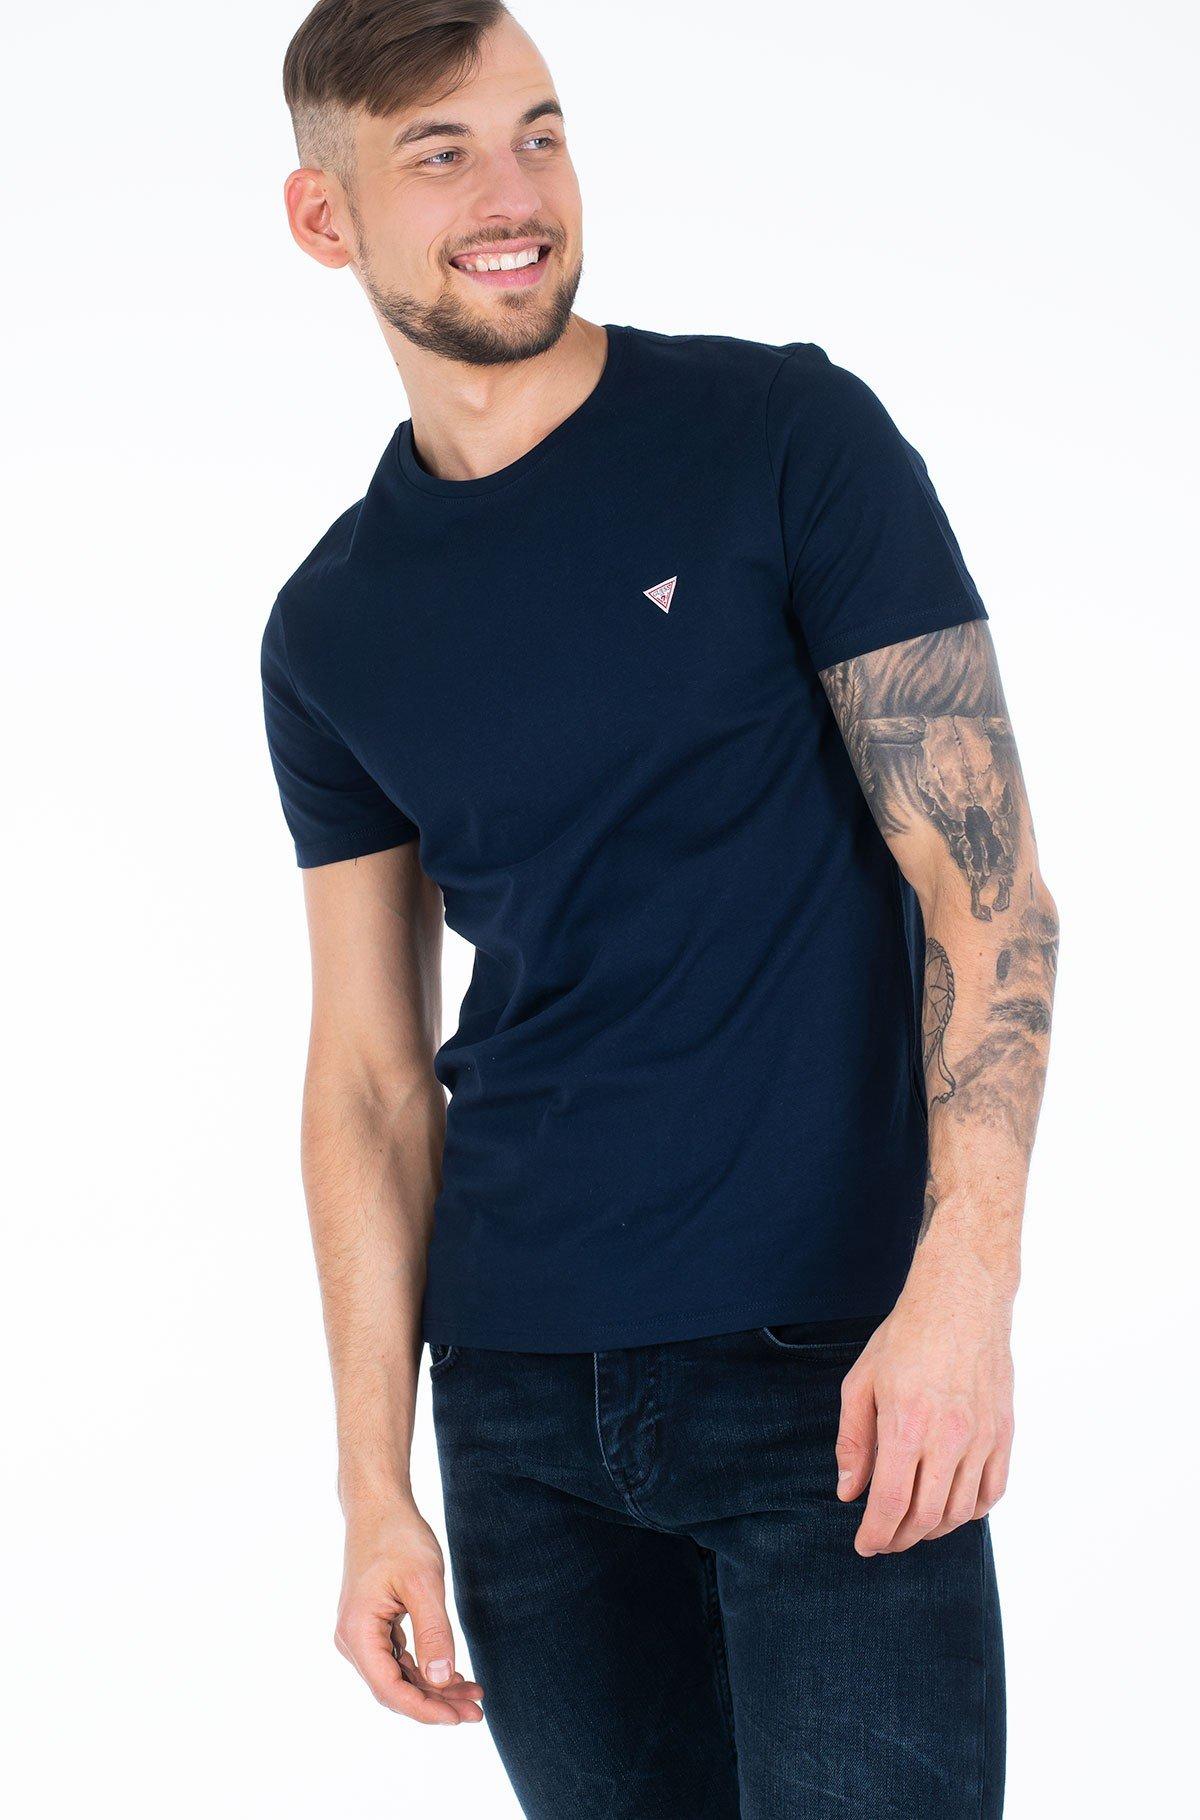 T-shirt M01I36 I3Z00-full-1